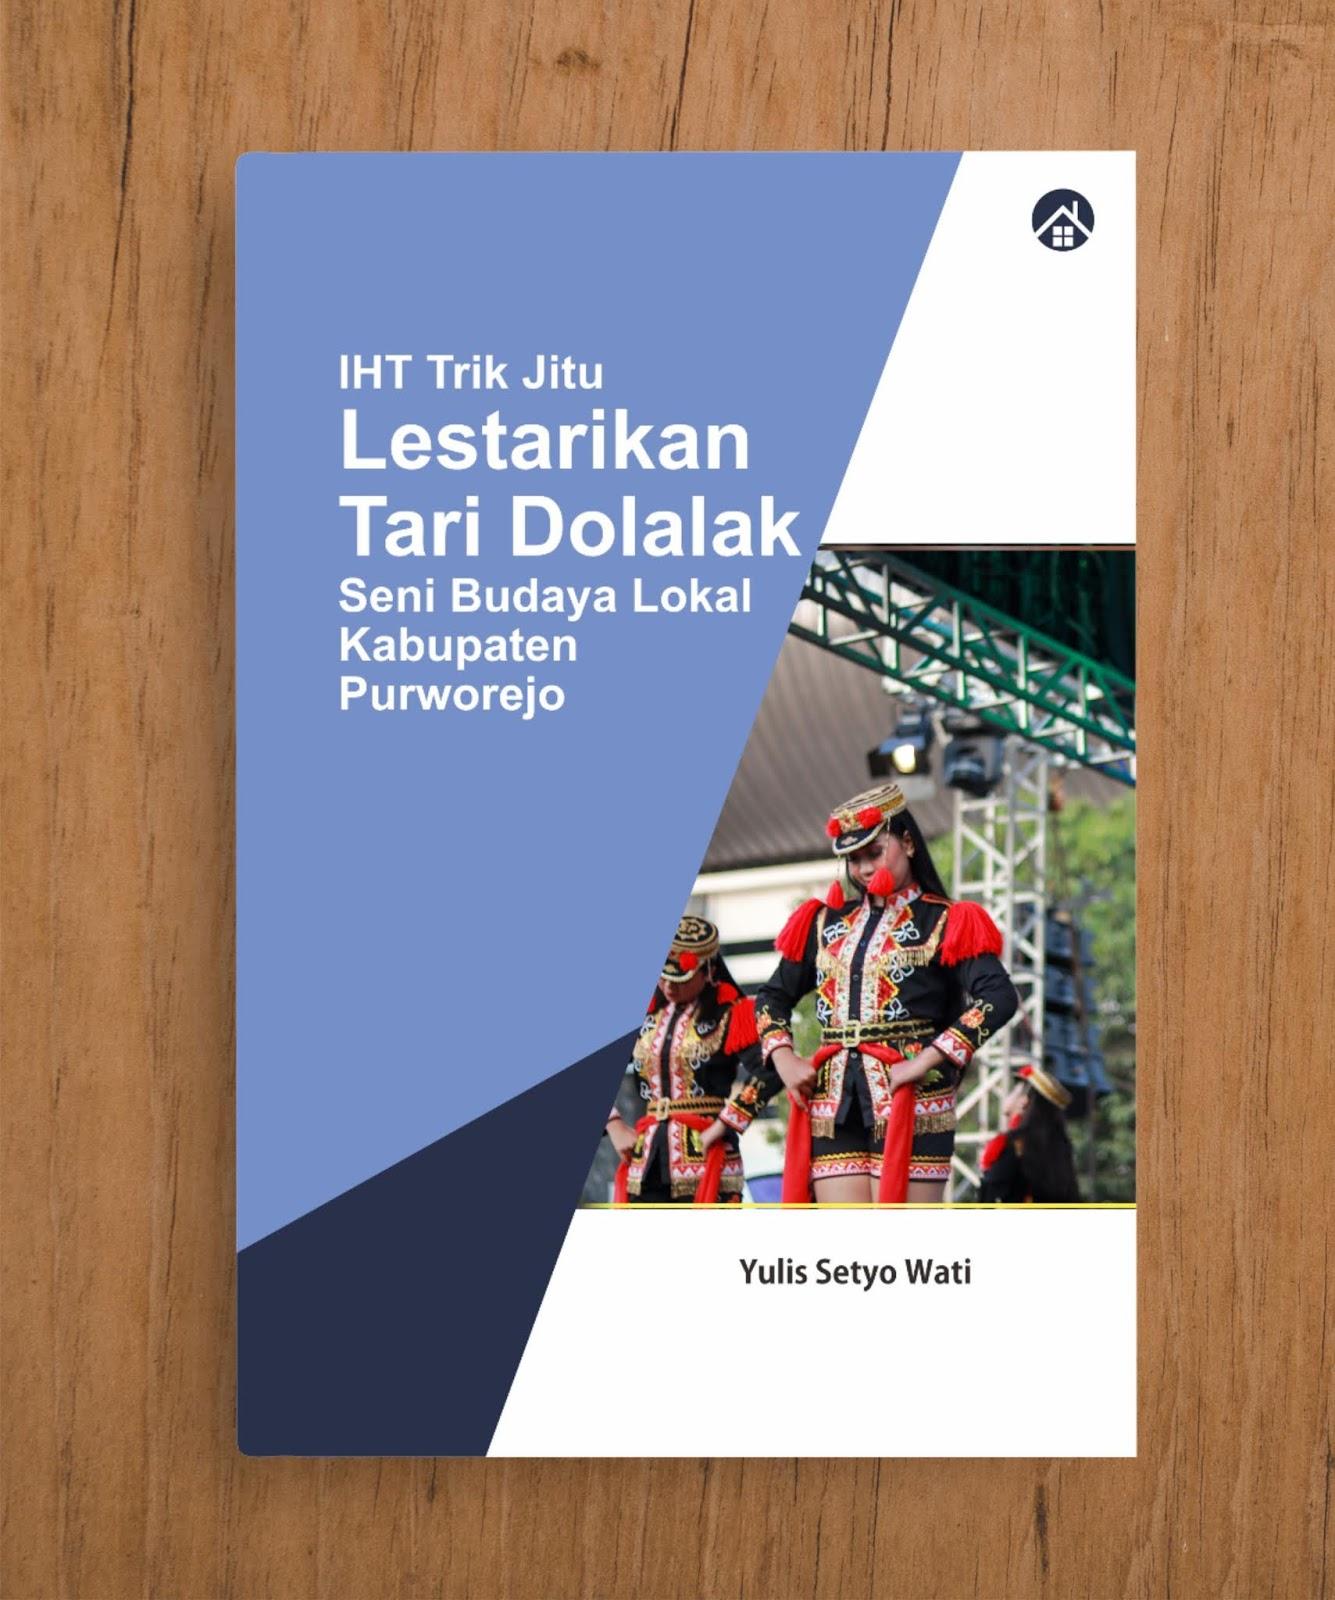 IHT Trik Jitu Lestarikan Tari Dolalak Seni Budaya Lokal Kabupaten Purworejo